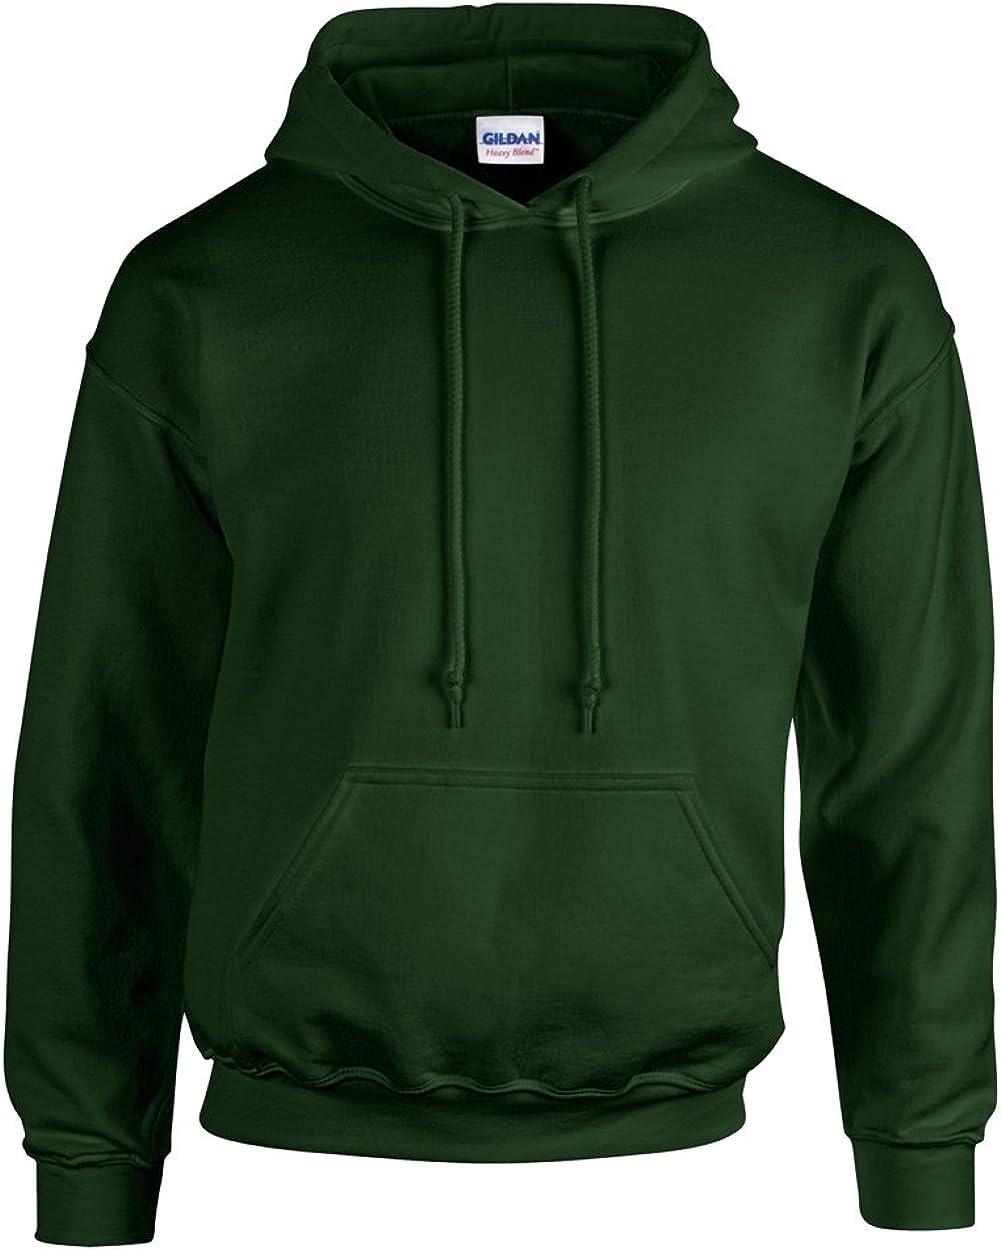 Gildan Youth Heavy Blend 8 oz 50//50 Cotton Poly Long Sleeves Hoody G185B XS-XL